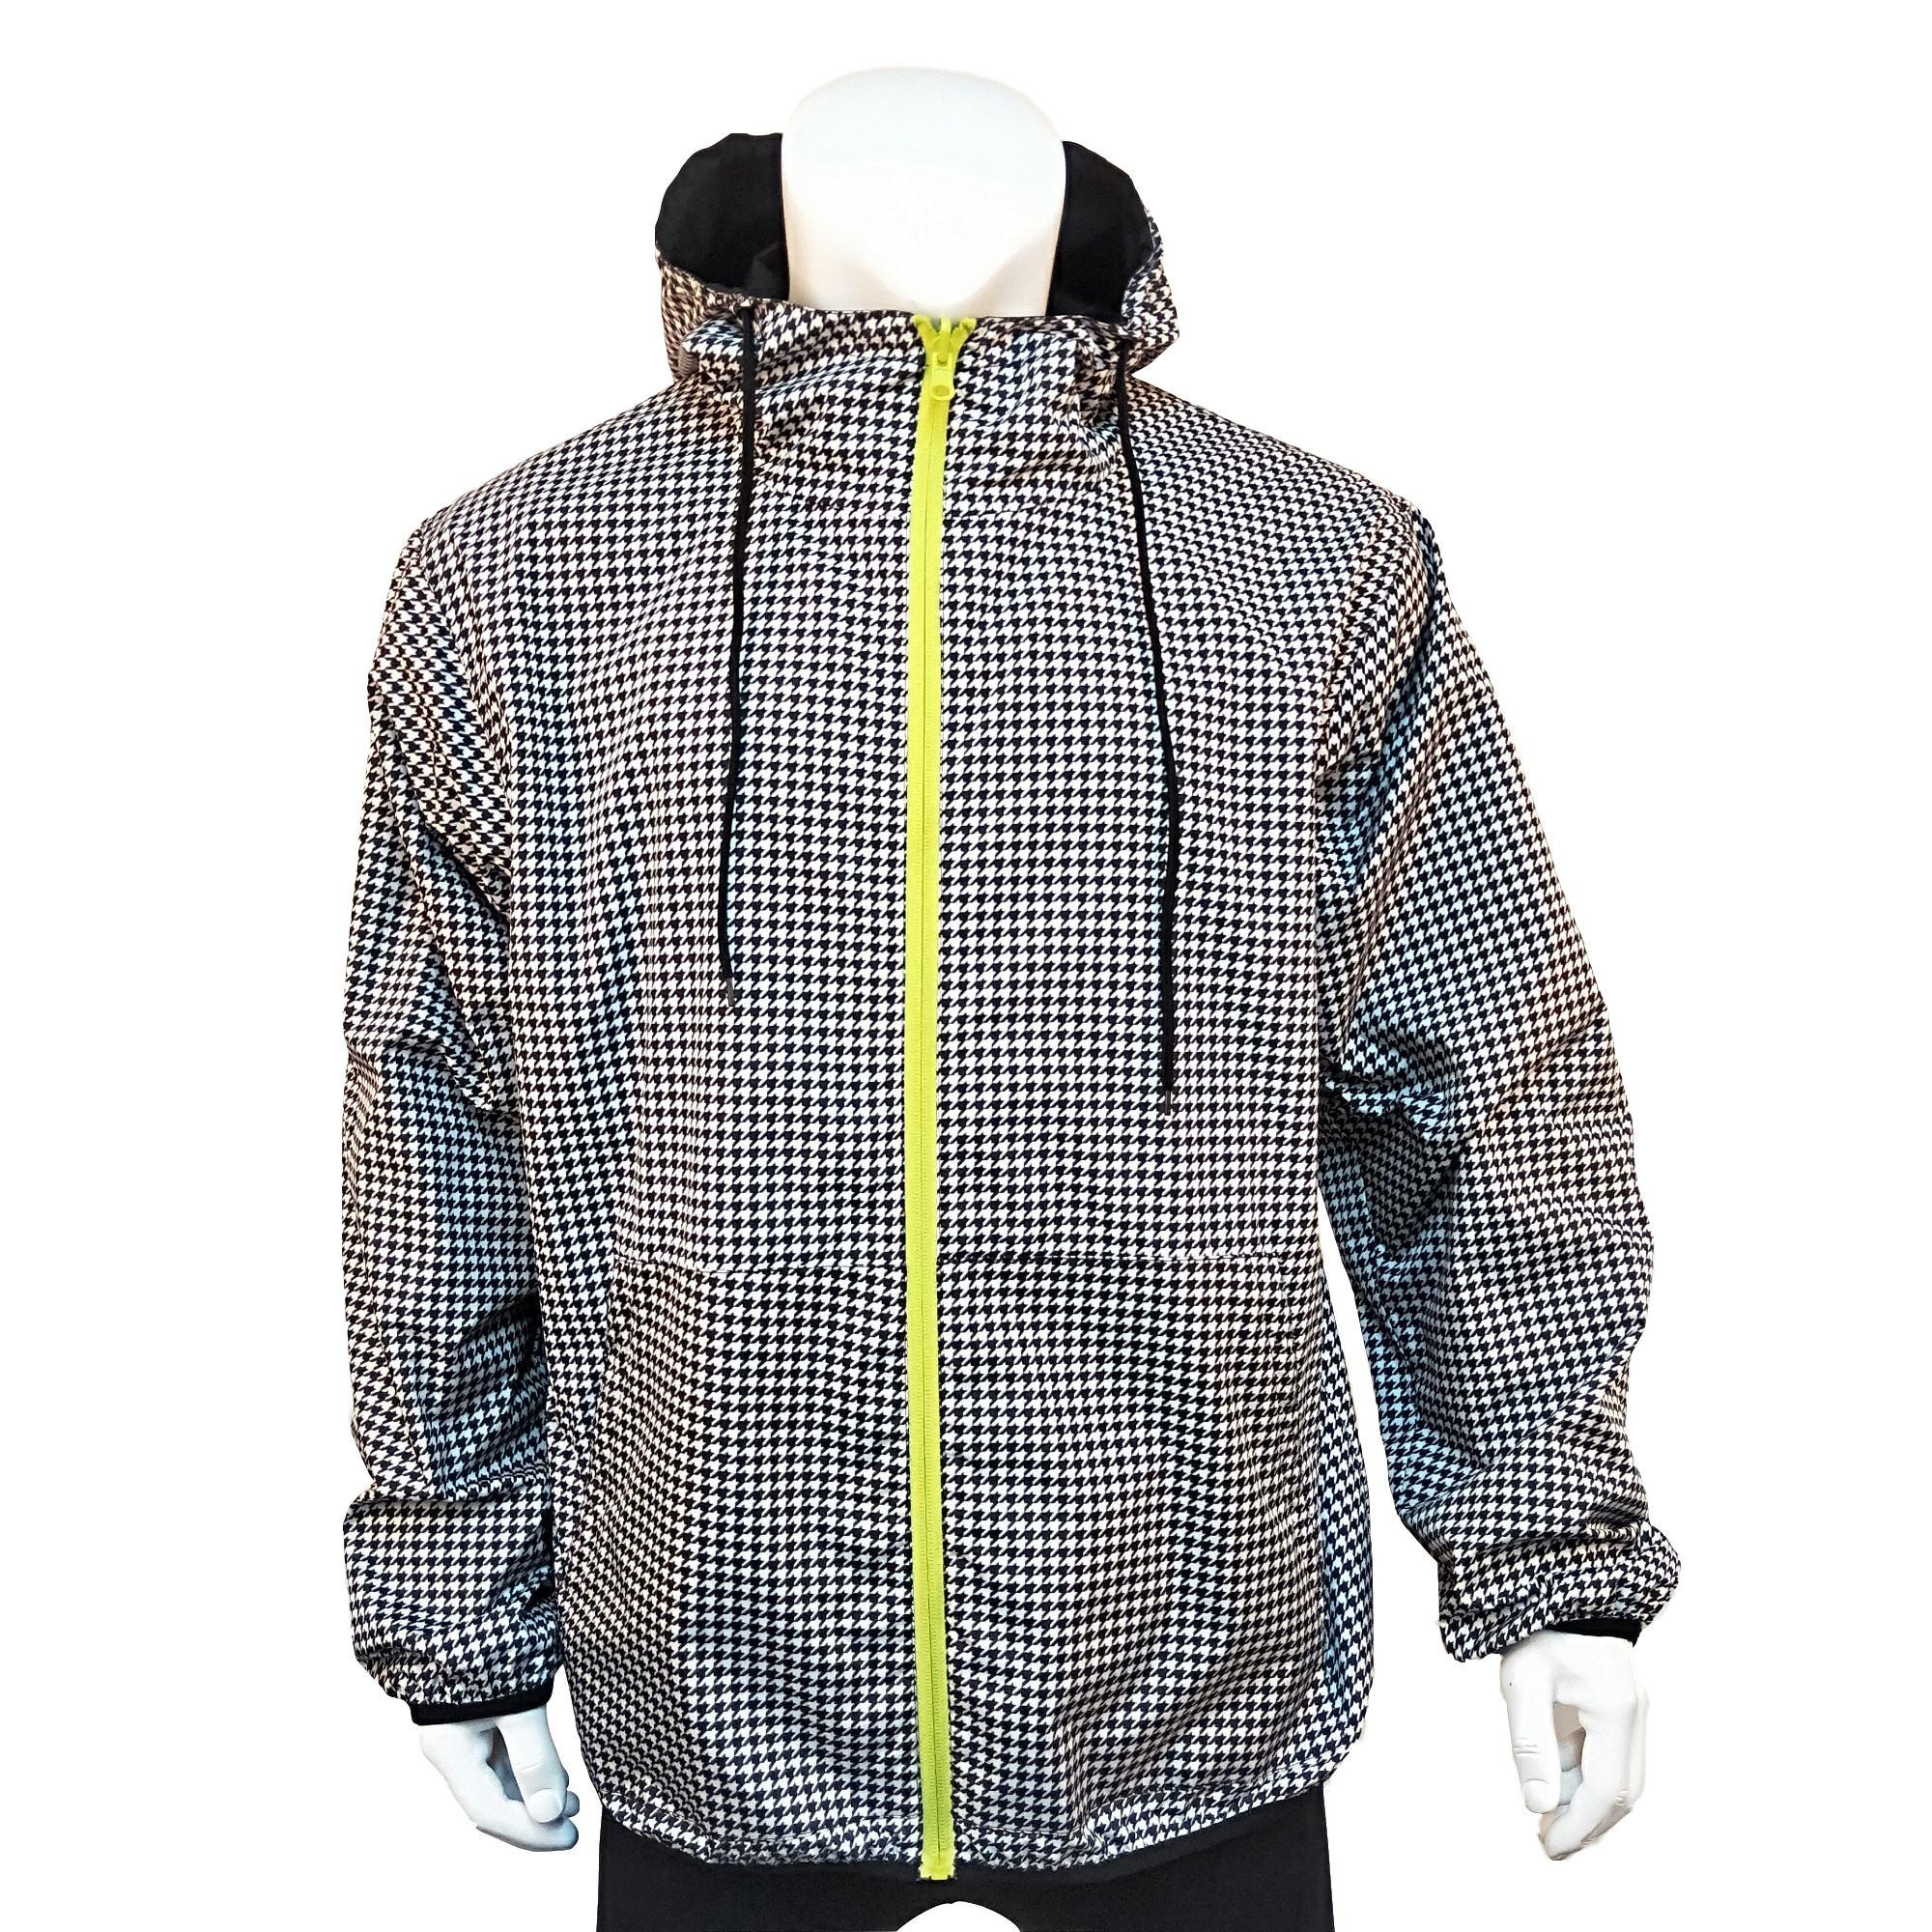 Лидер продаж на открытом воздухе обувь для мальчиков Высокое качество ветровка уличная водонепроницаемая куртка